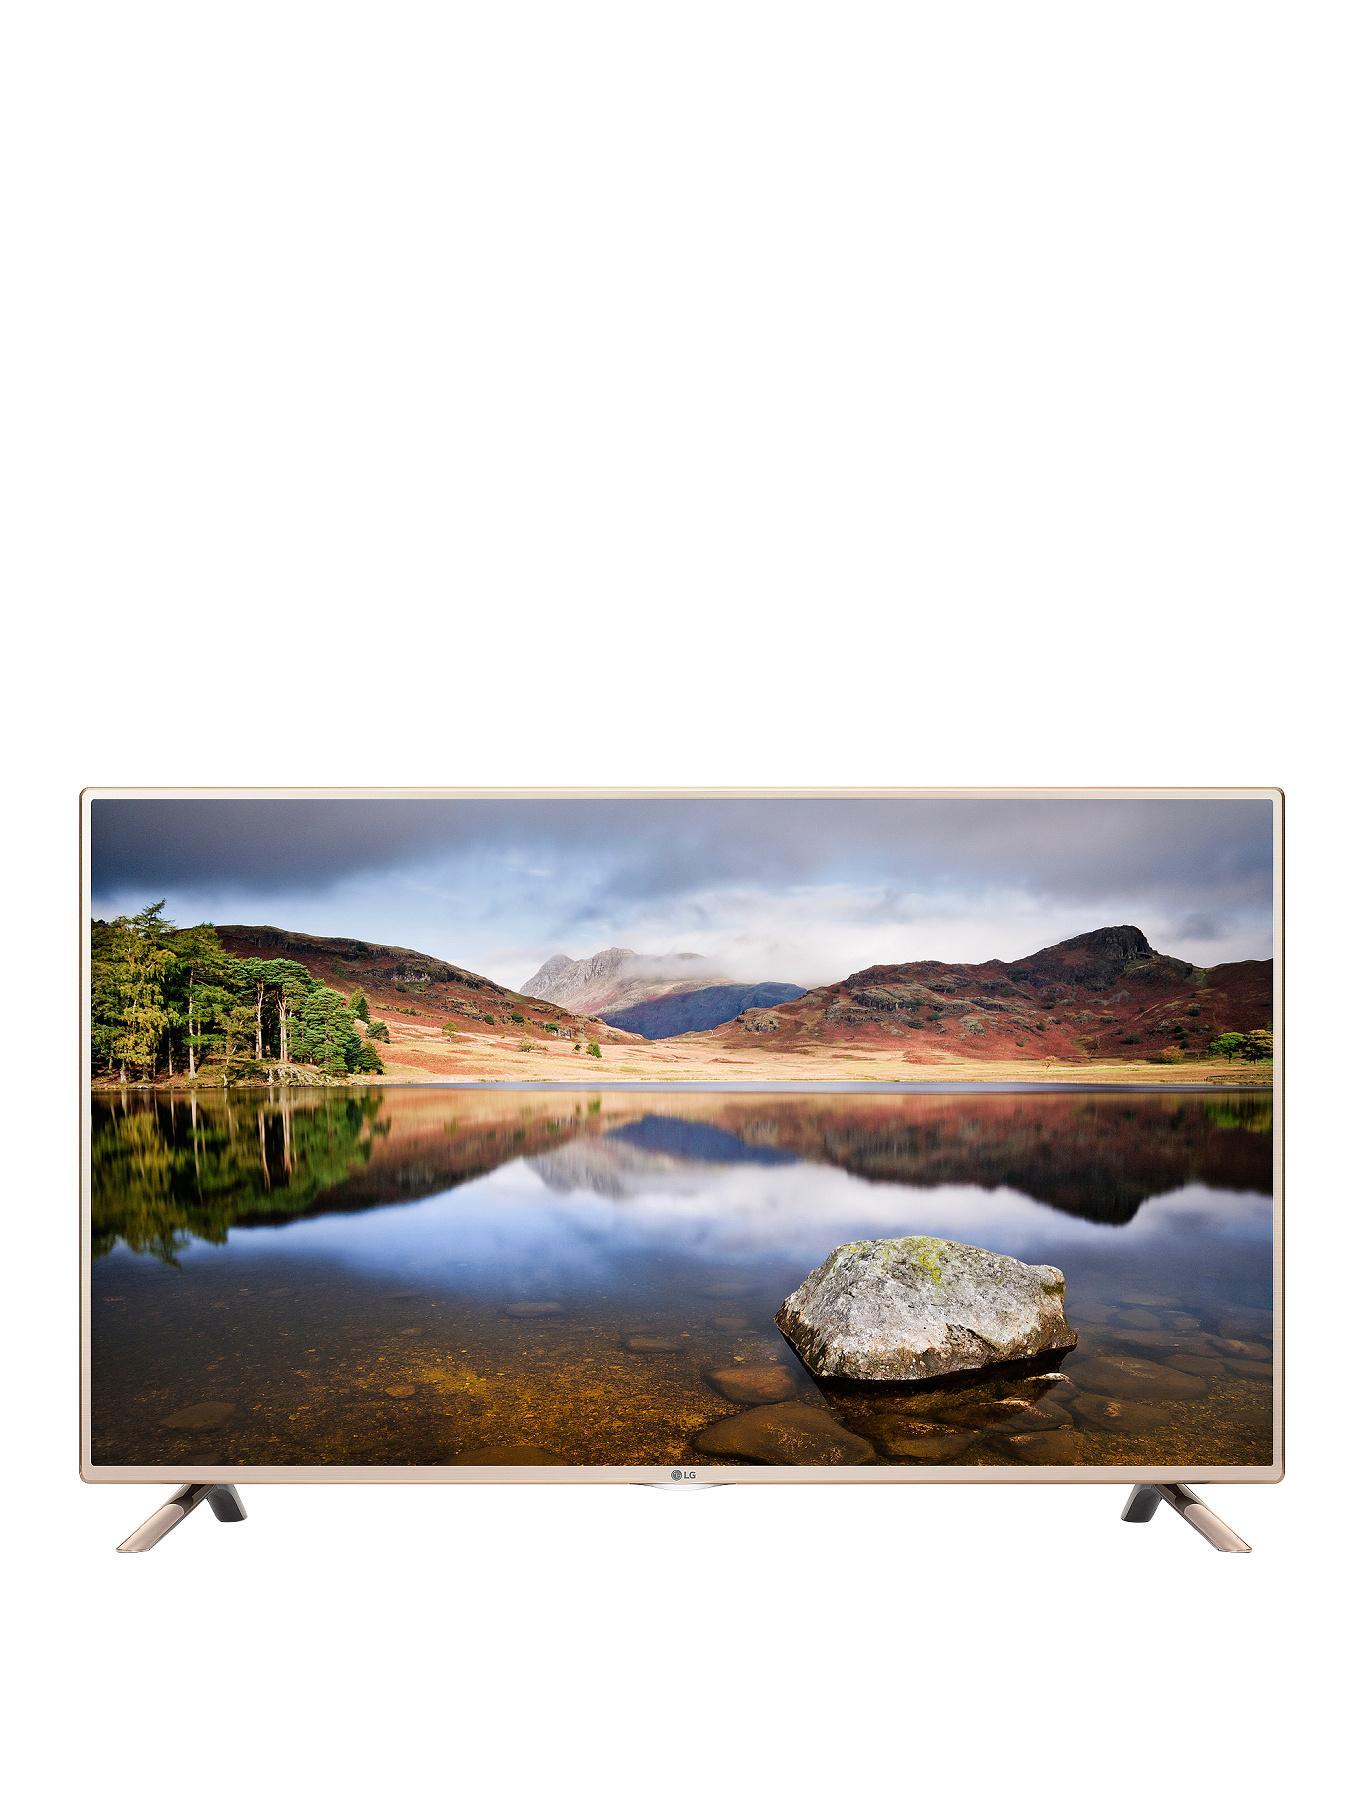 LG 32LF5610 32-Inch Widescreen 1080p Full HD LED TV